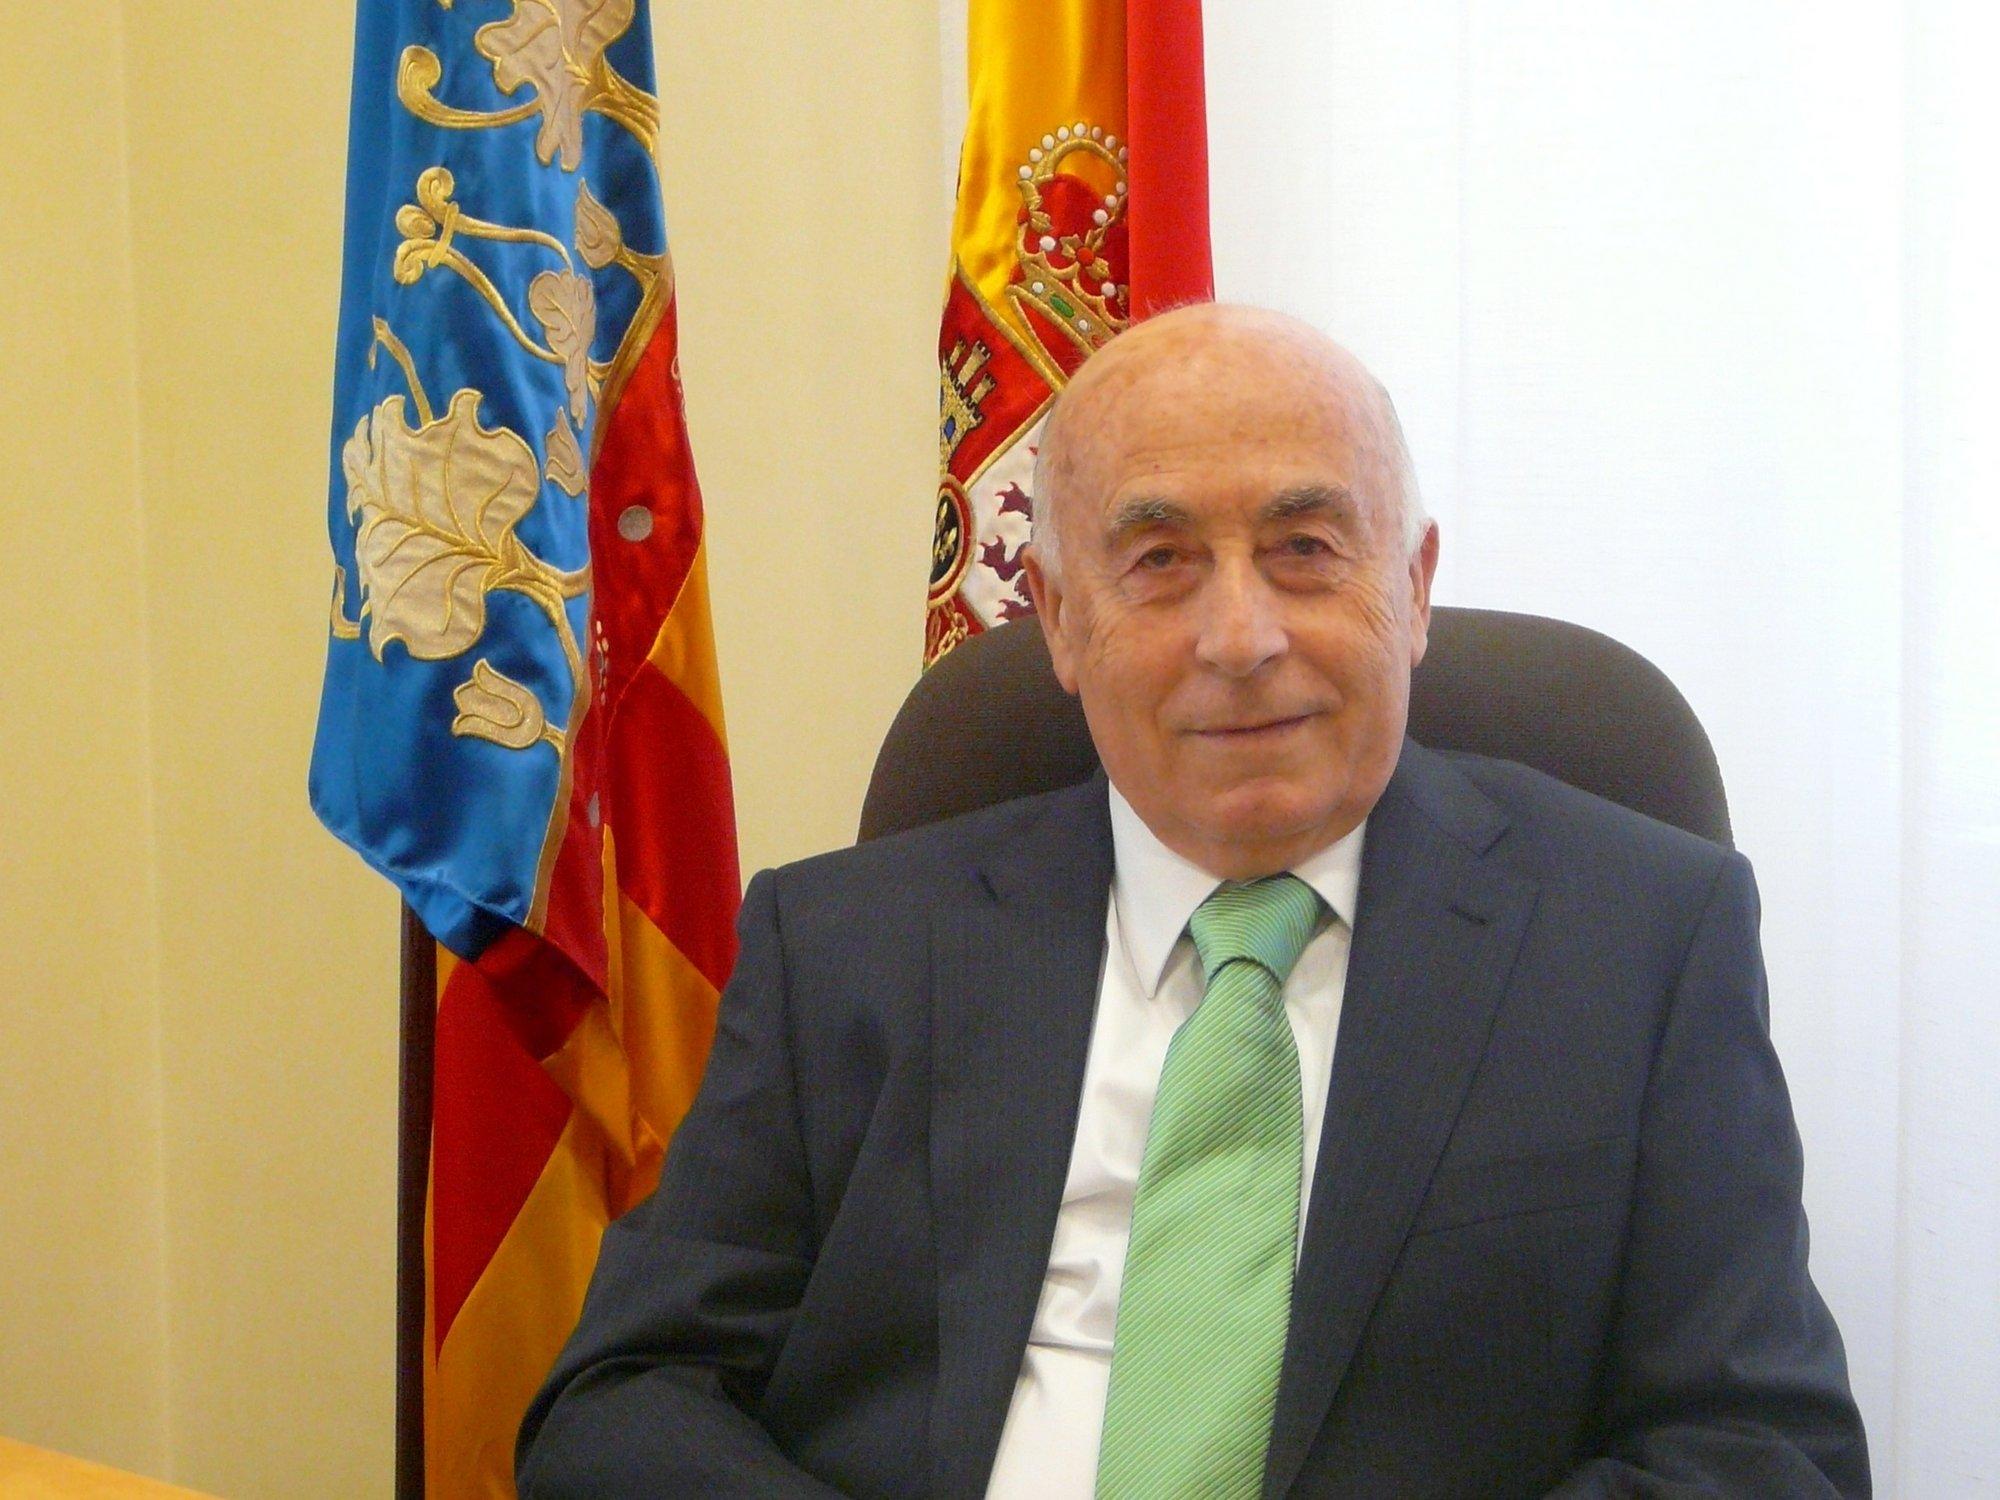 El defensor del pueblo valenciano investiga los incidentes en las protestas estudiantiles ante quejas contra la Policía